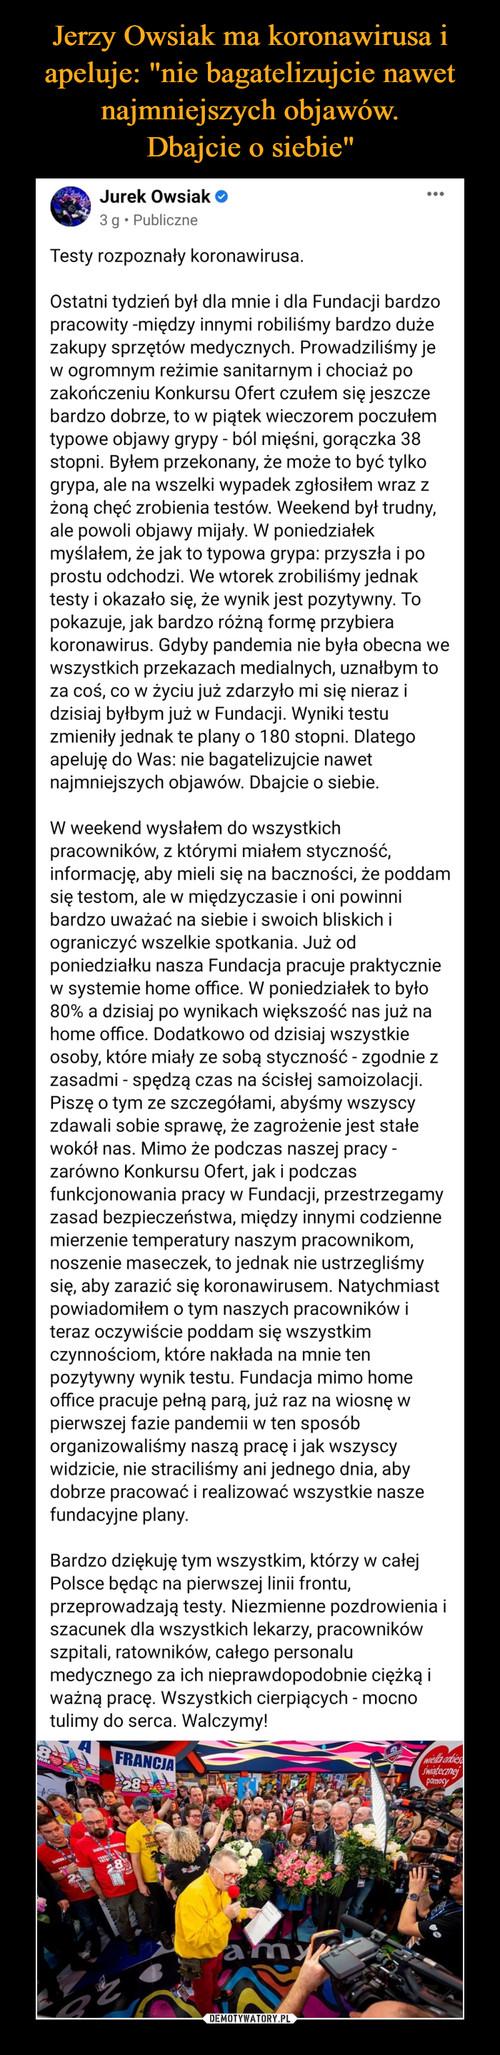 """Jerzy Owsiak ma koronawirusa i apeluje: """"nie bagatelizujcie nawet najmniejszych objawów. Dbajcie o siebie"""""""